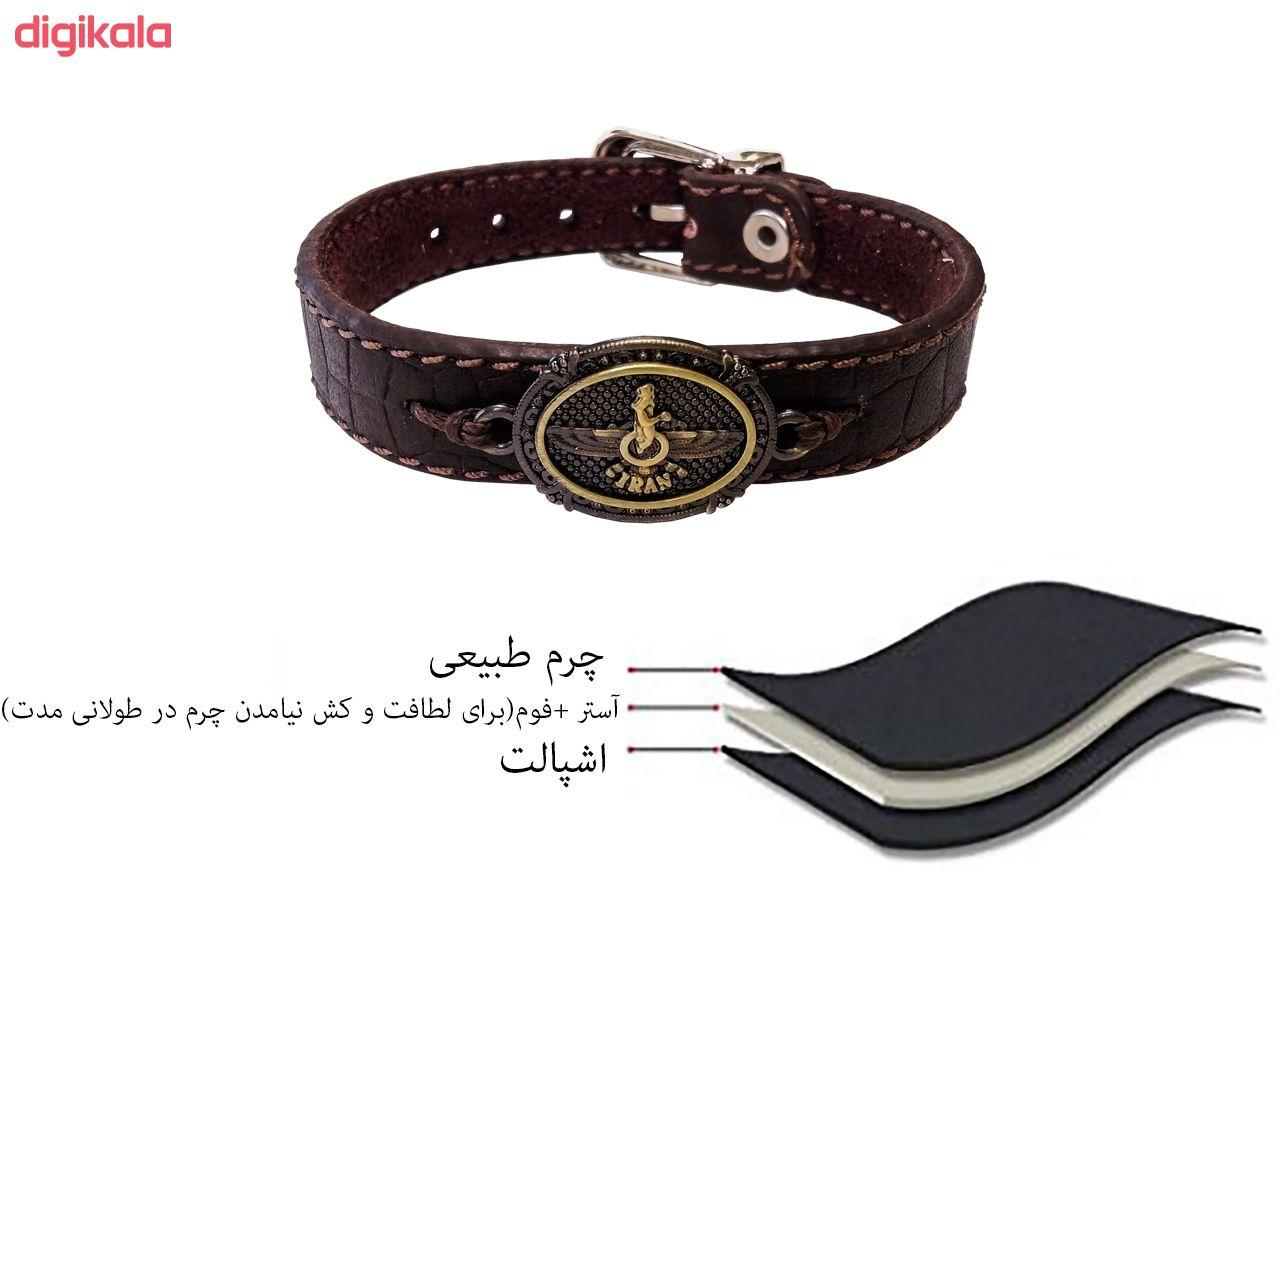 دستبند چرم وارک مدل پرهام کد rb60 main 1 9